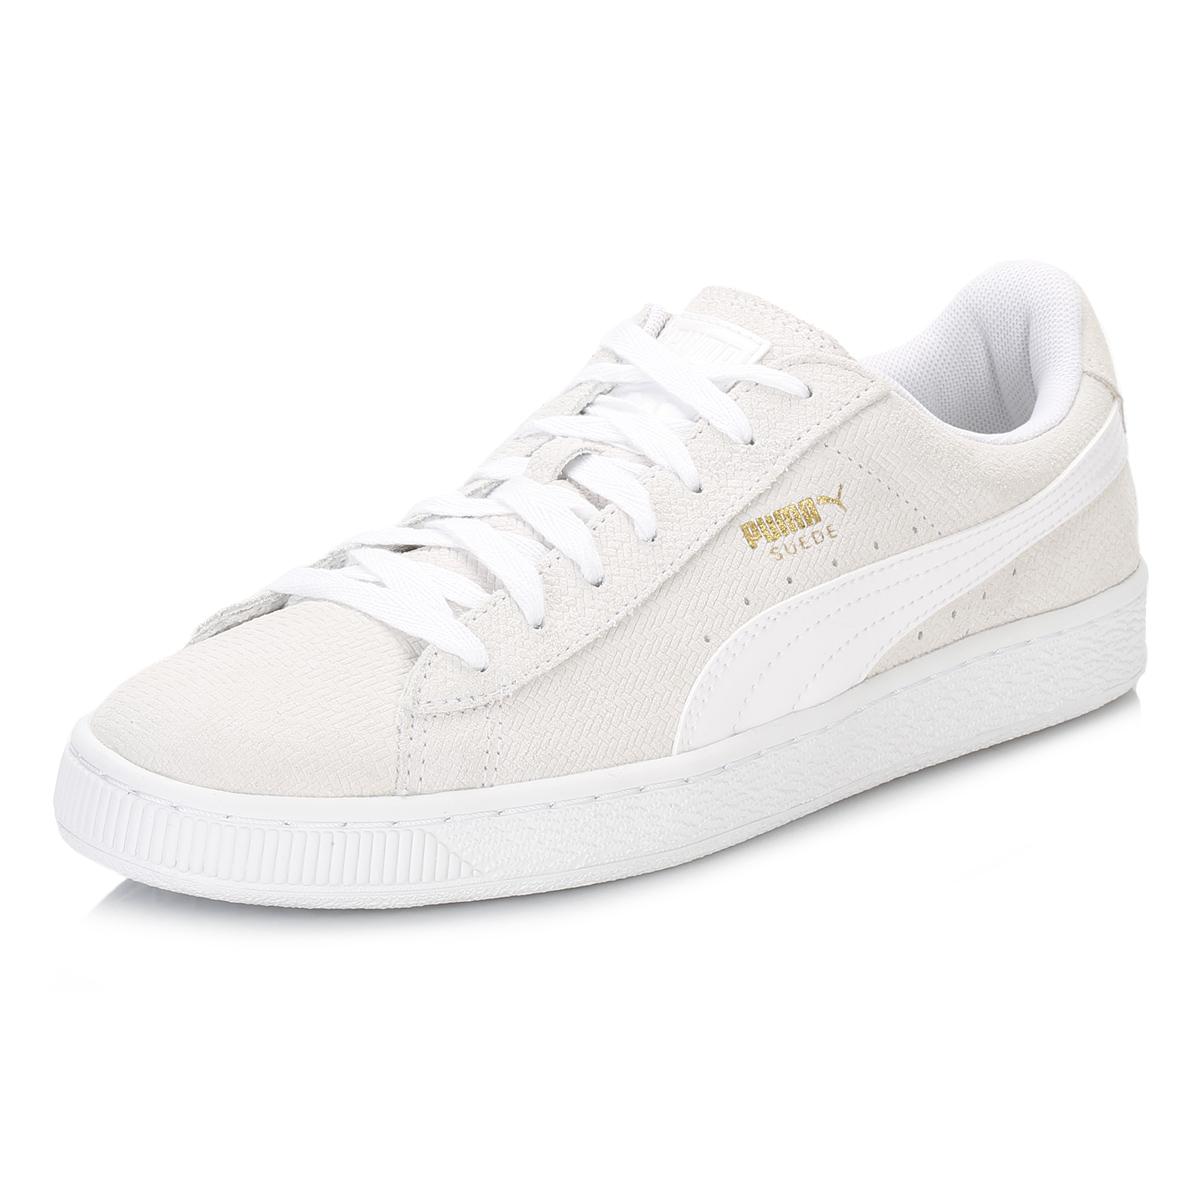 Puma-Womens-Cream-White-Suede-Trainers-Classic-Sport- efcbbdaf5